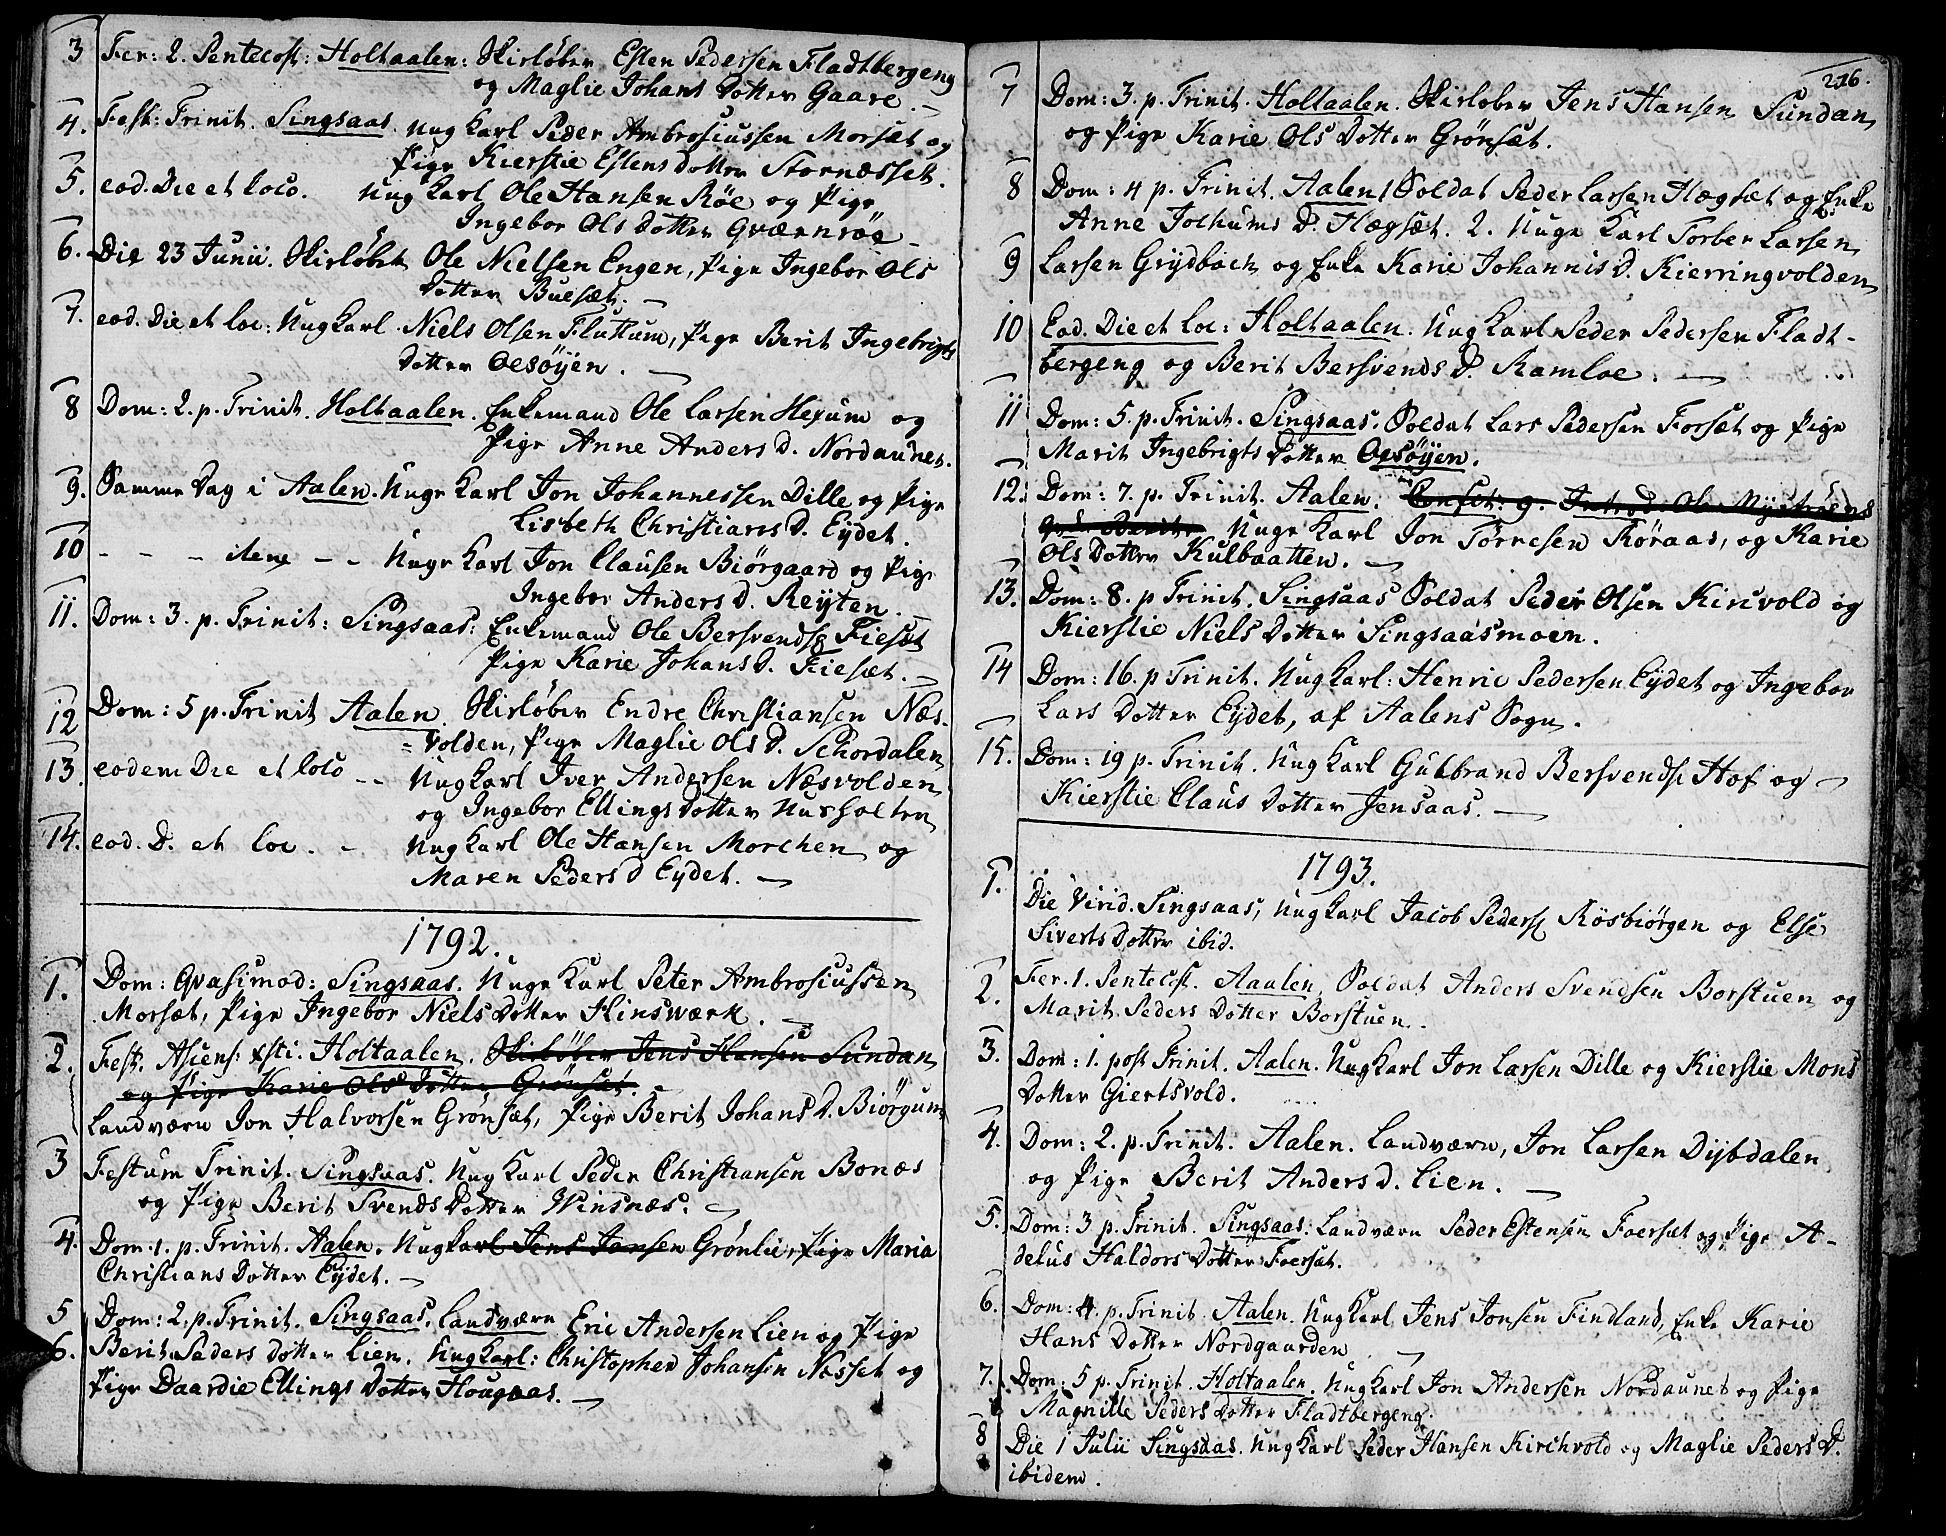 SAT, Ministerialprotokoller, klokkerbøker og fødselsregistre - Sør-Trøndelag, 685/L0952: Ministerialbok nr. 685A01, 1745-1804, s. 216